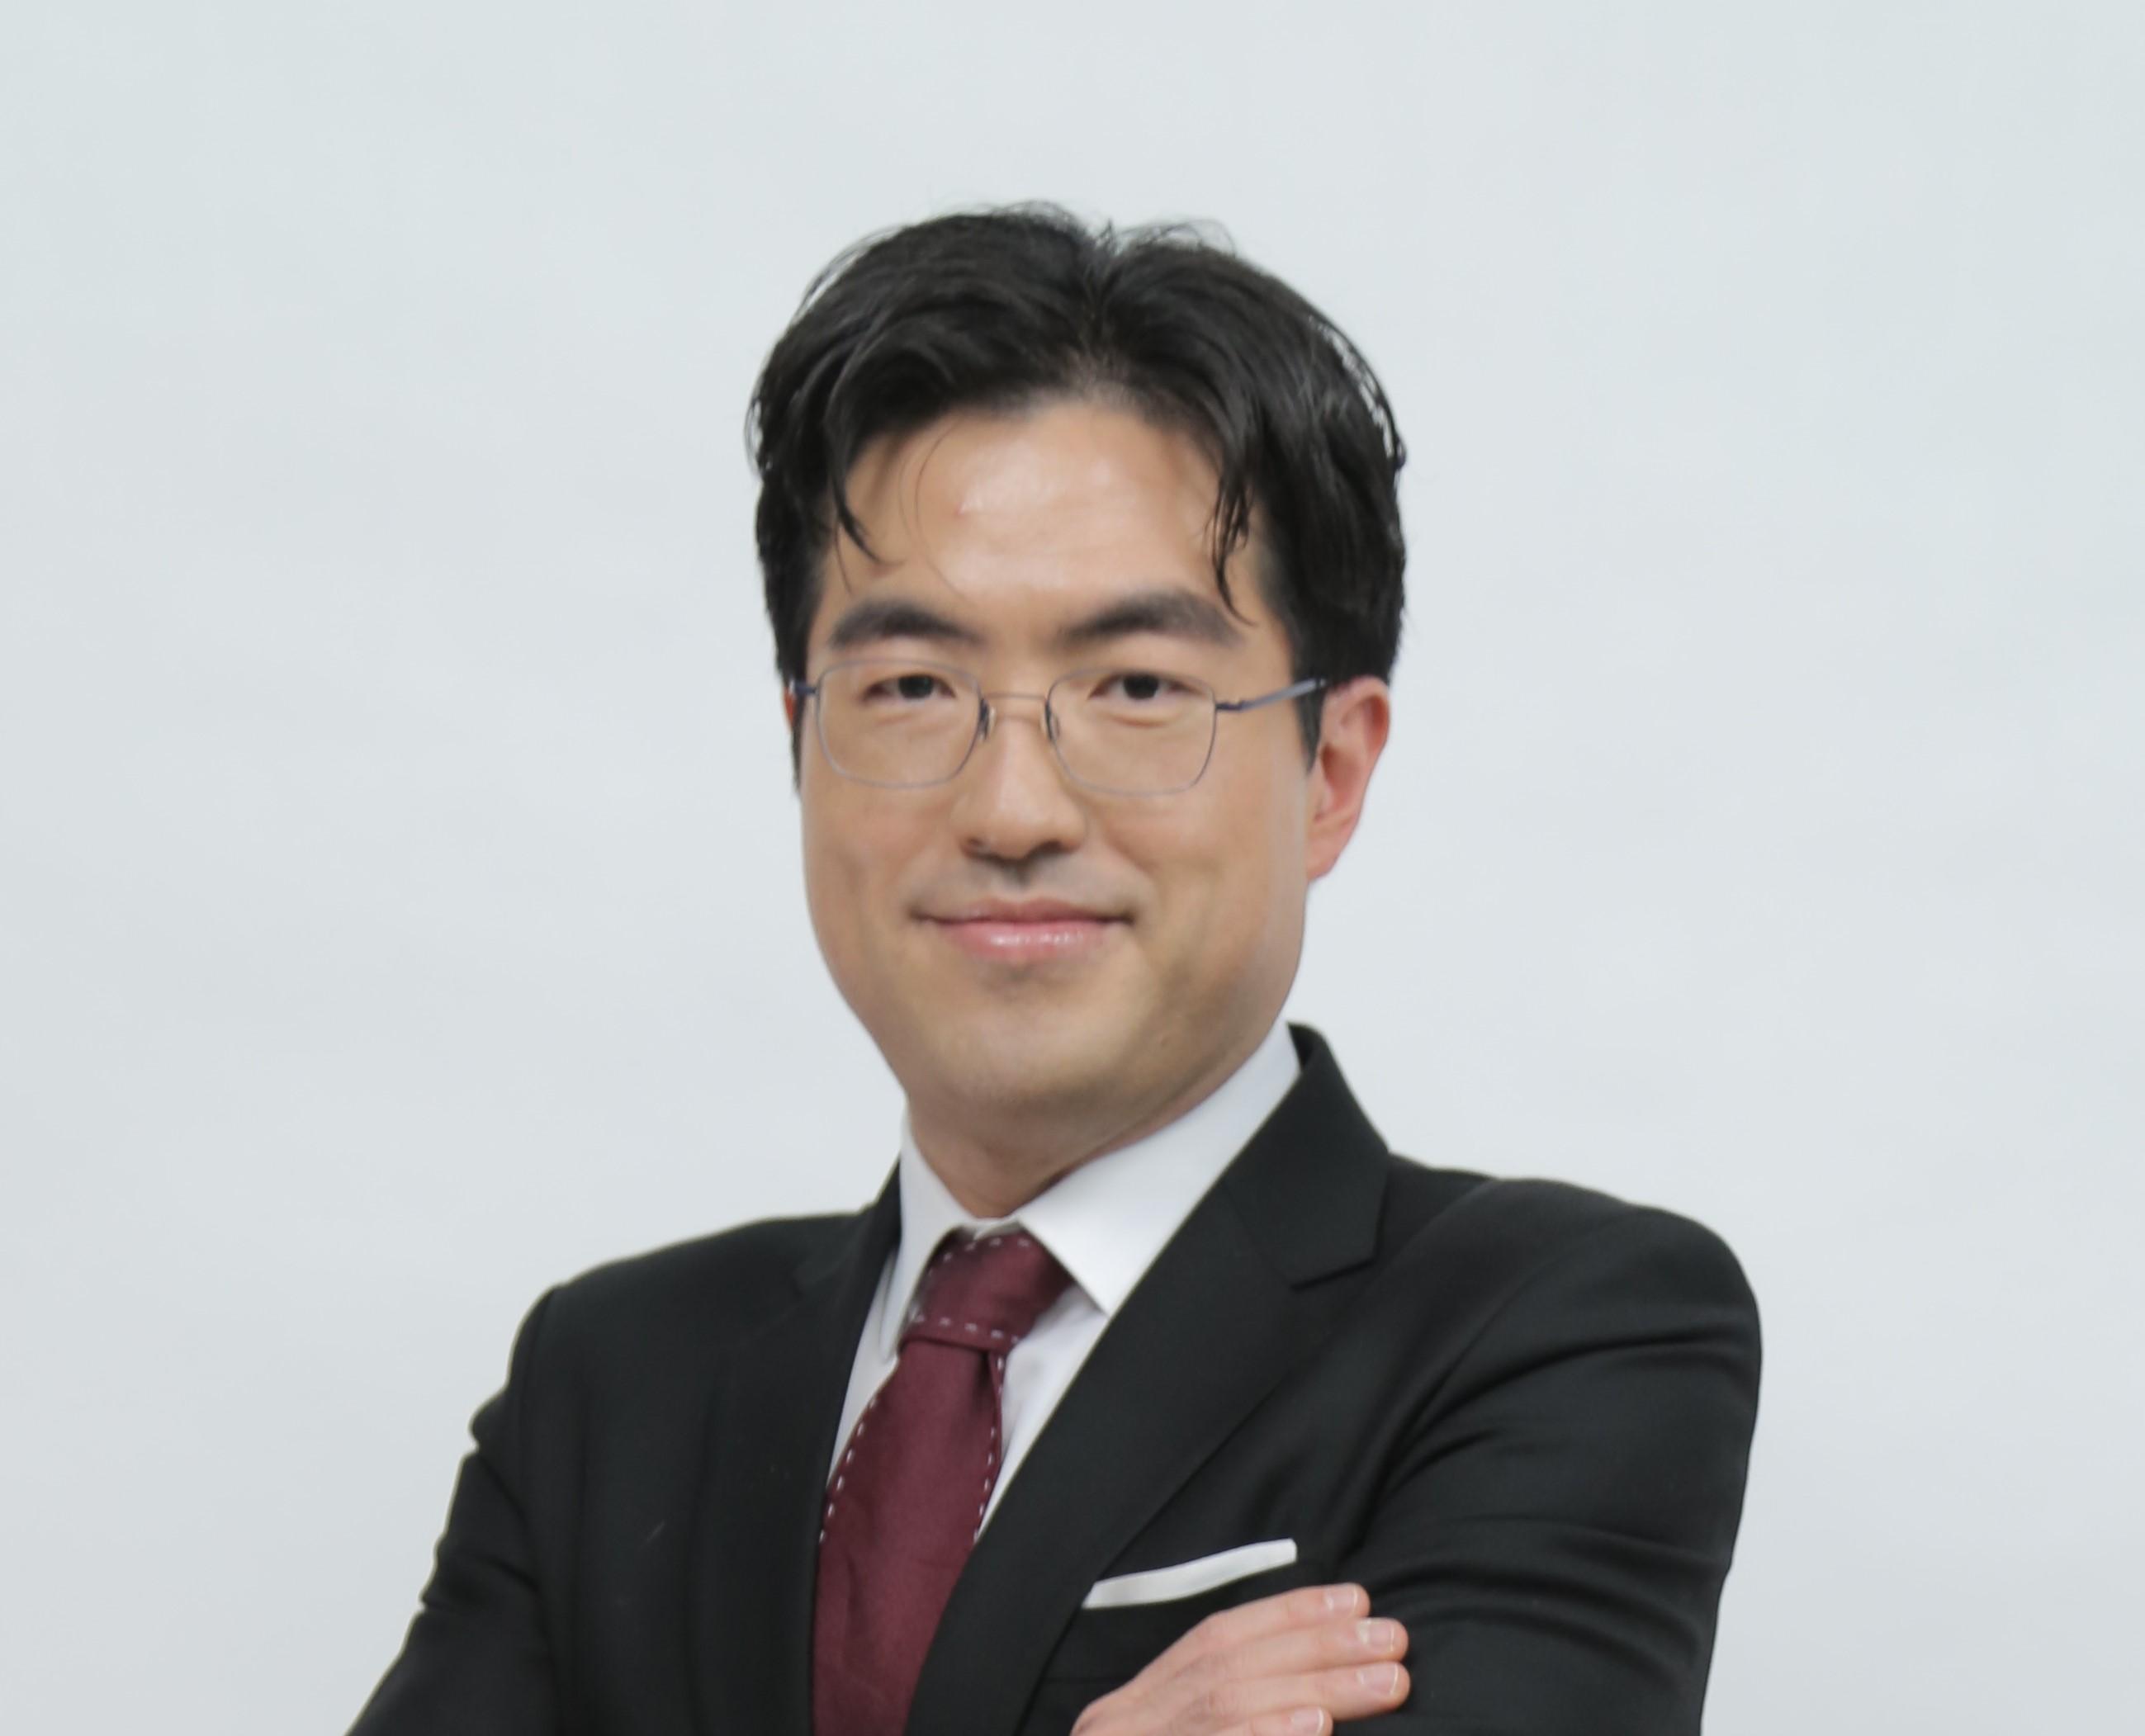 억만장자브랜드텔링 씨즌 3